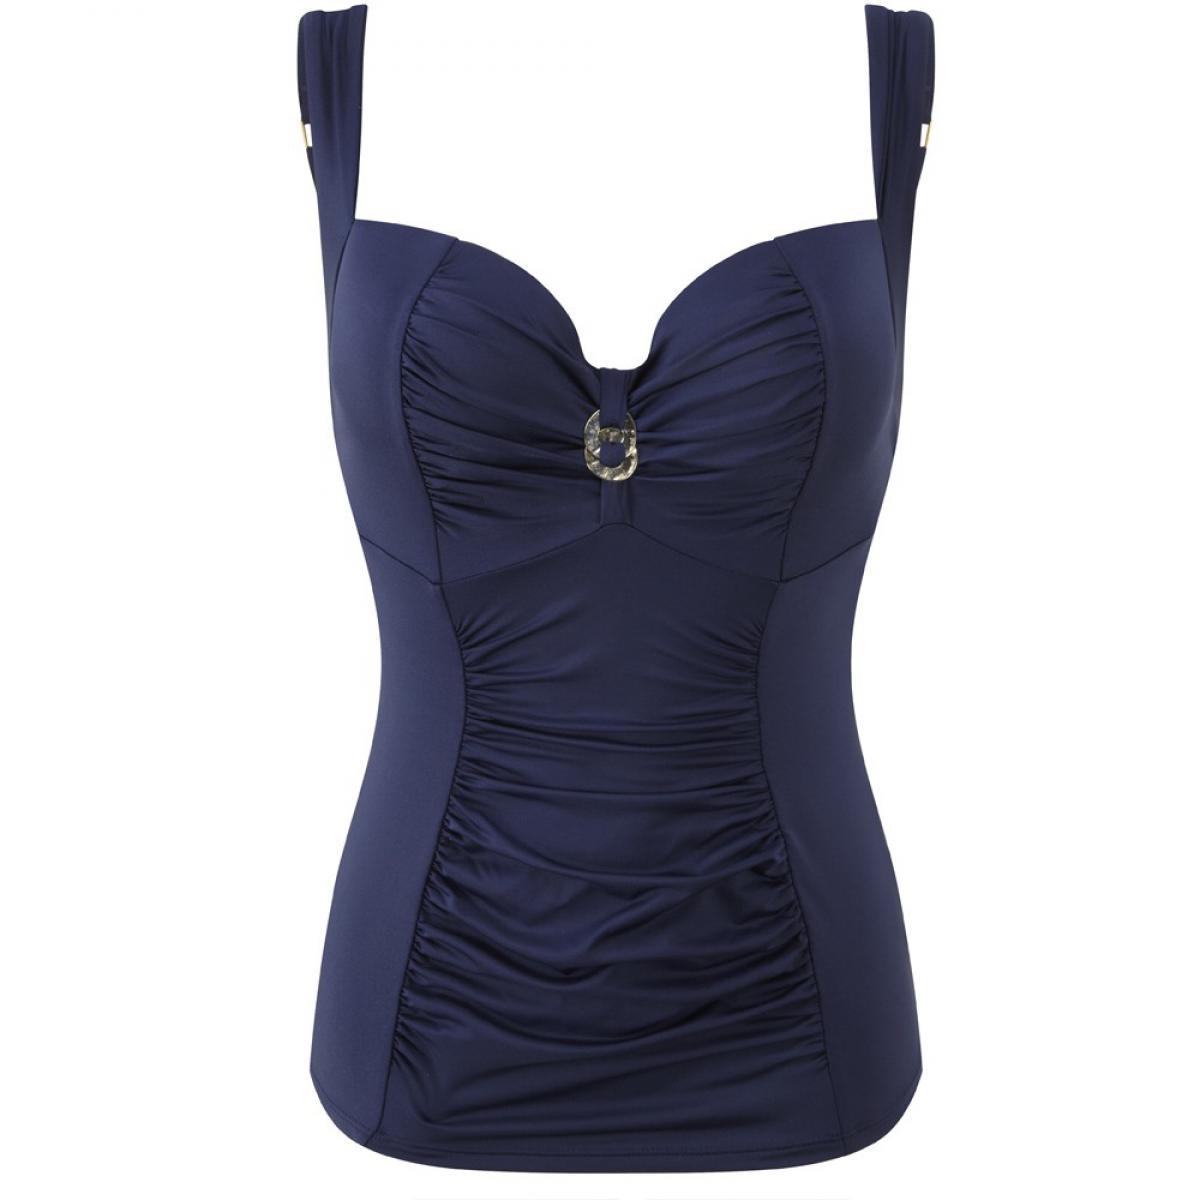 a960113a09 Tankini Balconnet à Coques Bleu Panache Maillot - Armaturés (maillots) -  Maillots de bain